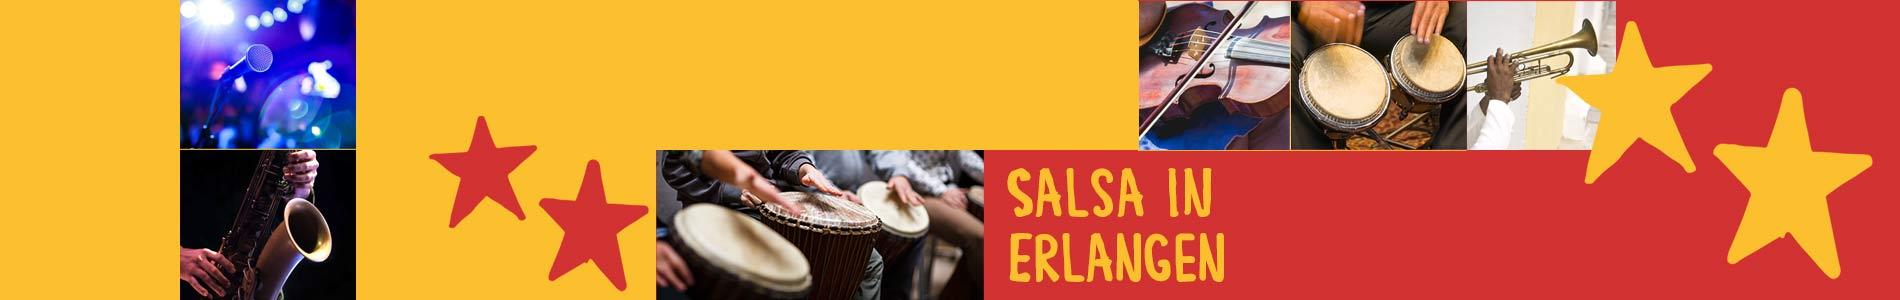 Salsa in Erlangen – Salsa lernen und tanzen, Tanzkurse, Partys, Veranstaltungen